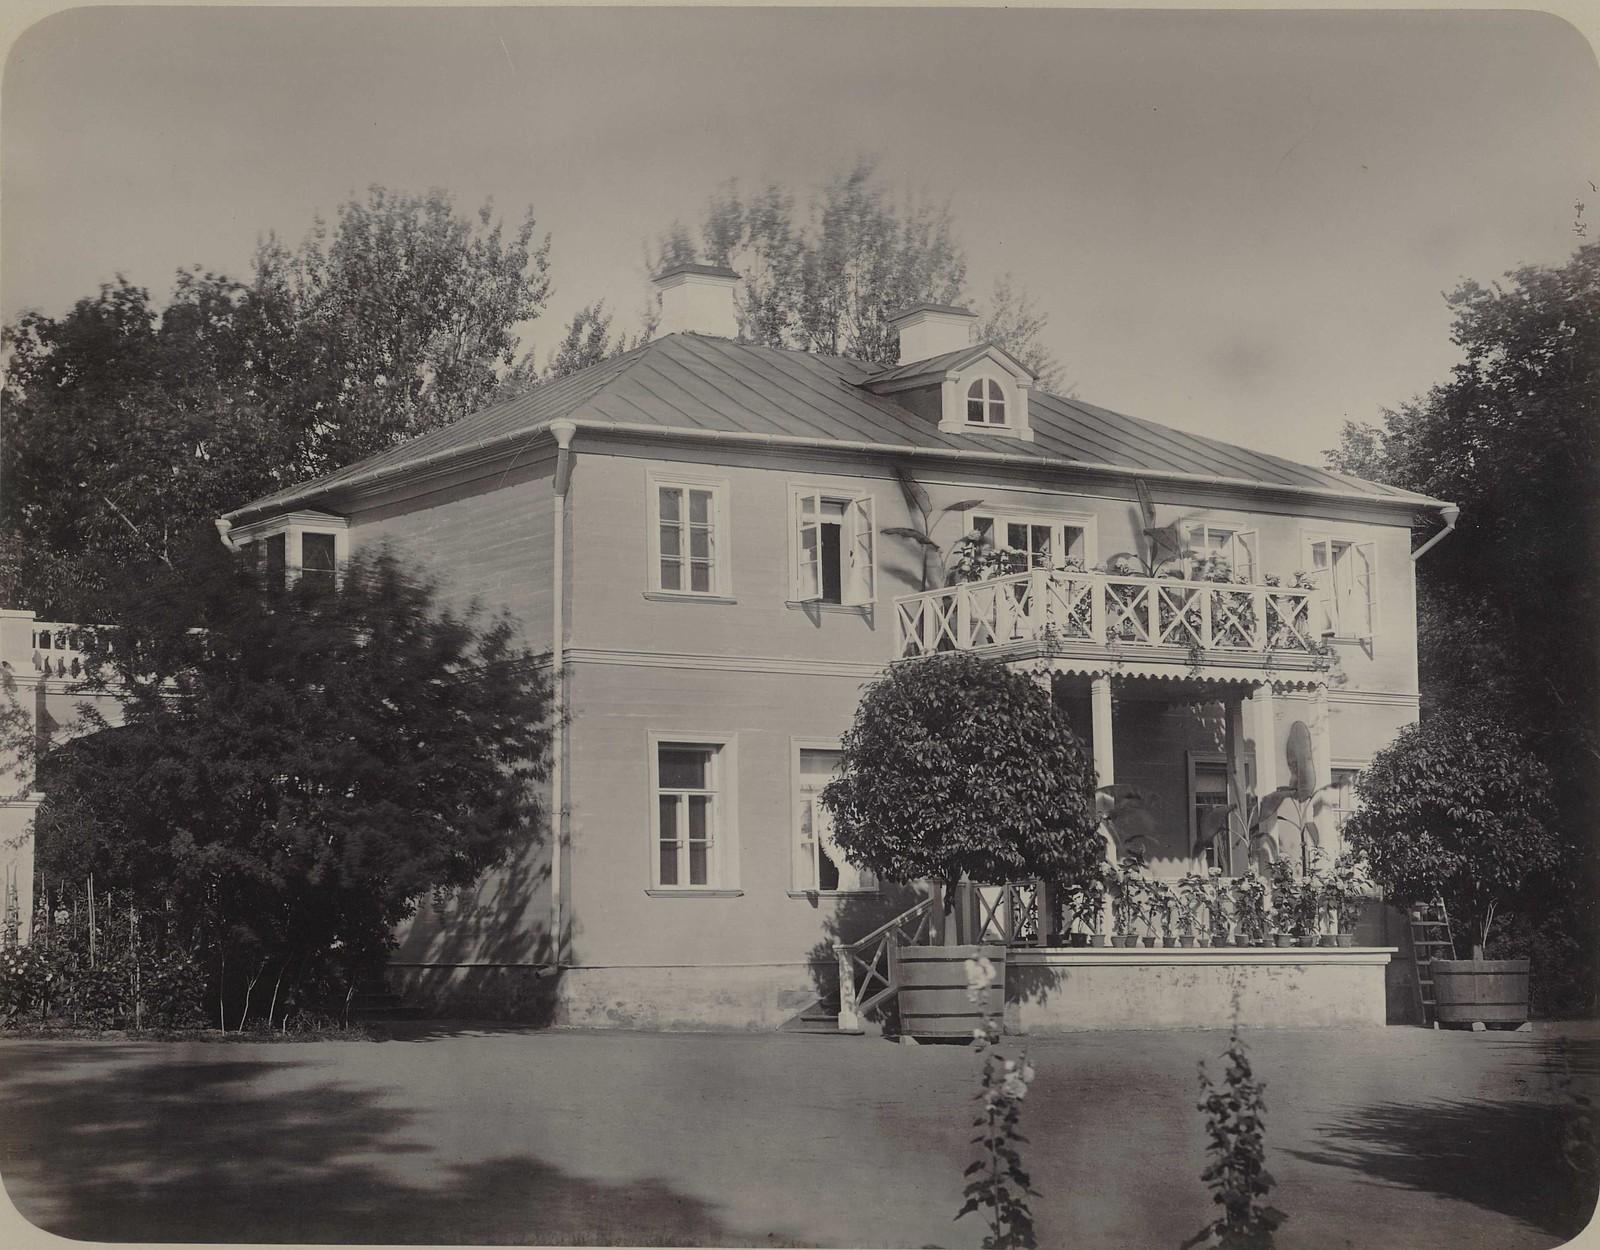 08. Усадьба Ильинское. Деревянный двухэтажный флигель с балконом